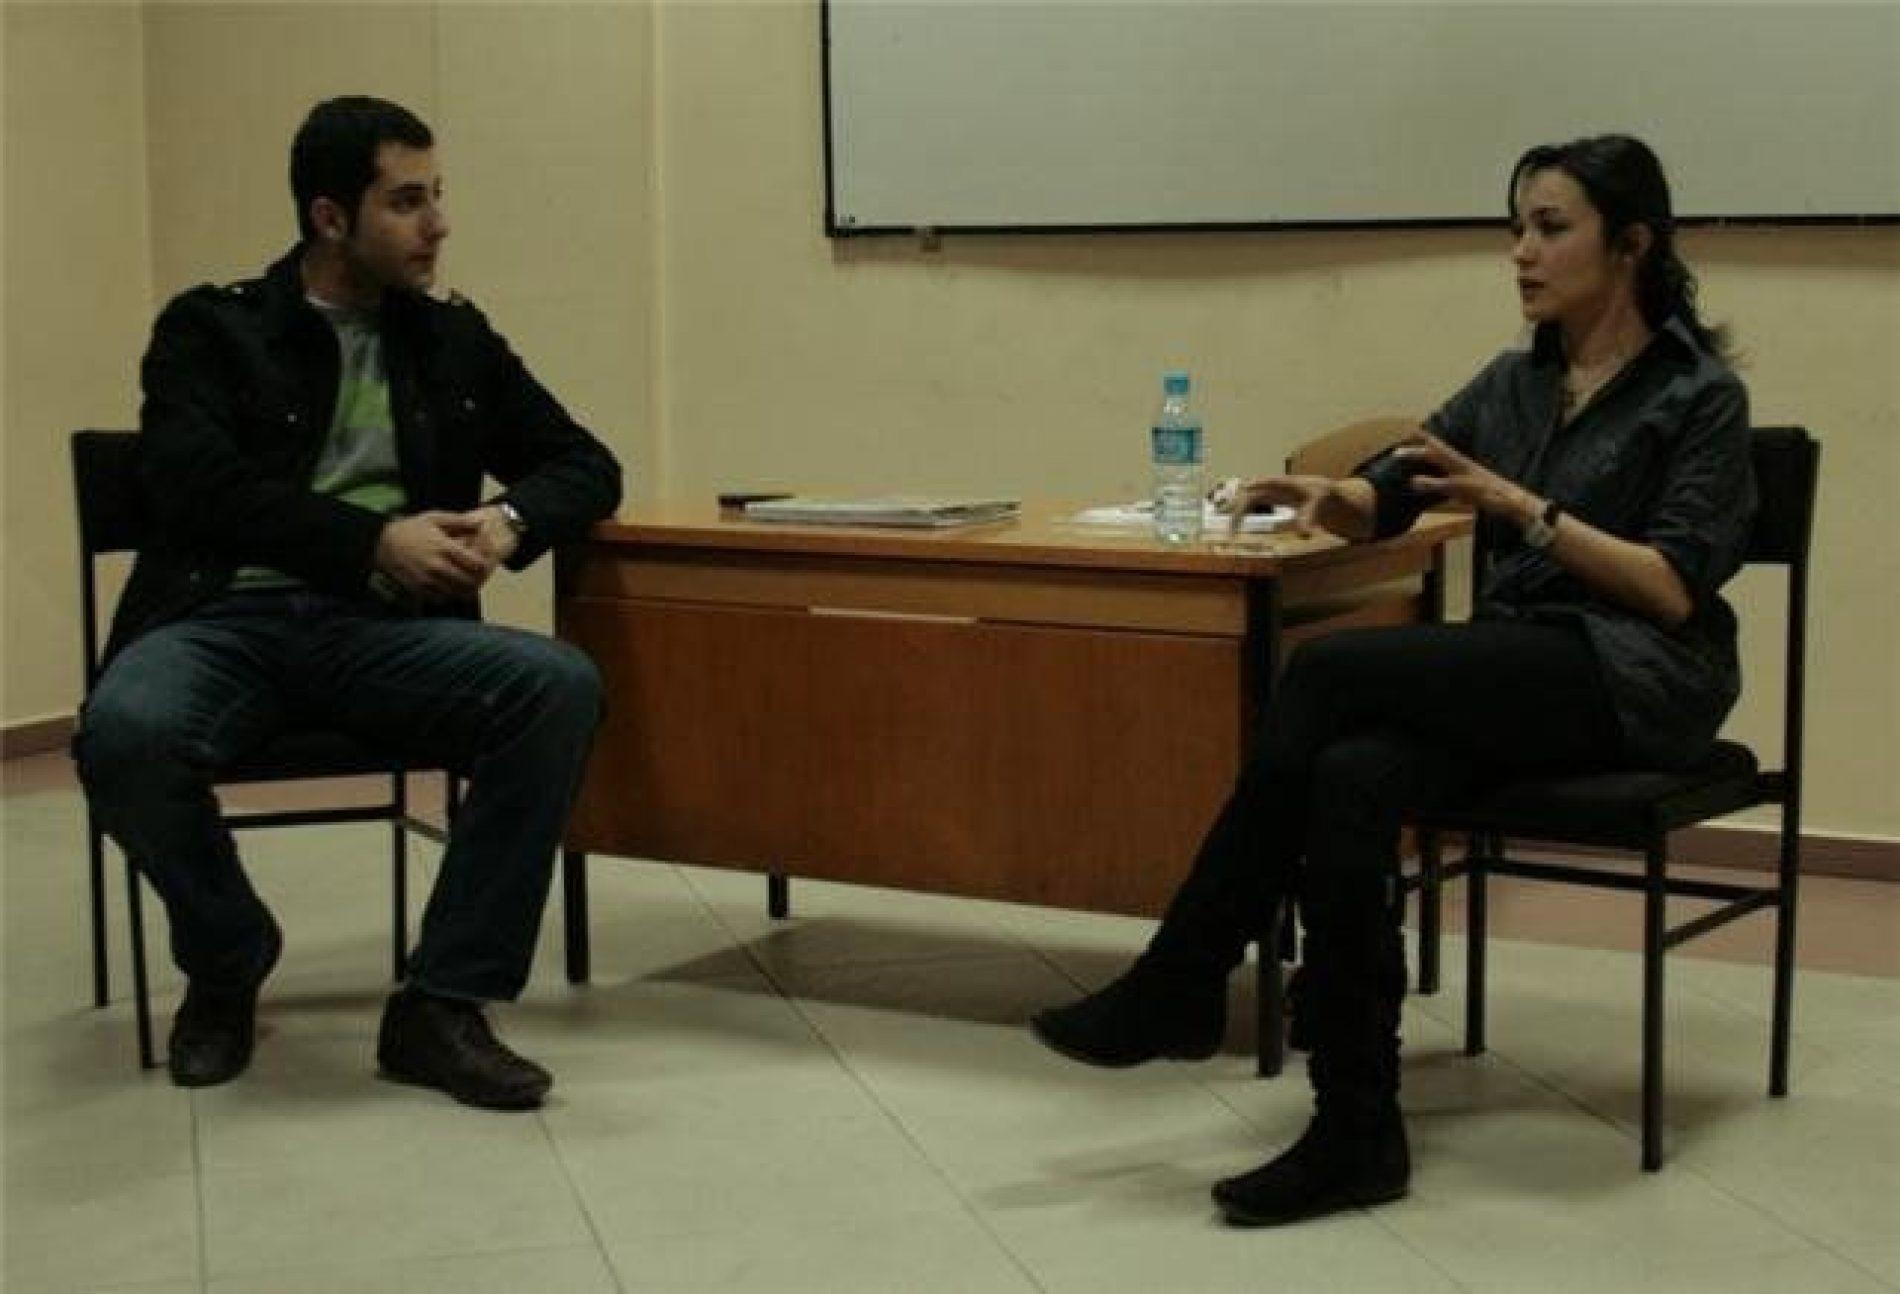 Halk Oyunları Topluluğu – Ankara Etkinliği